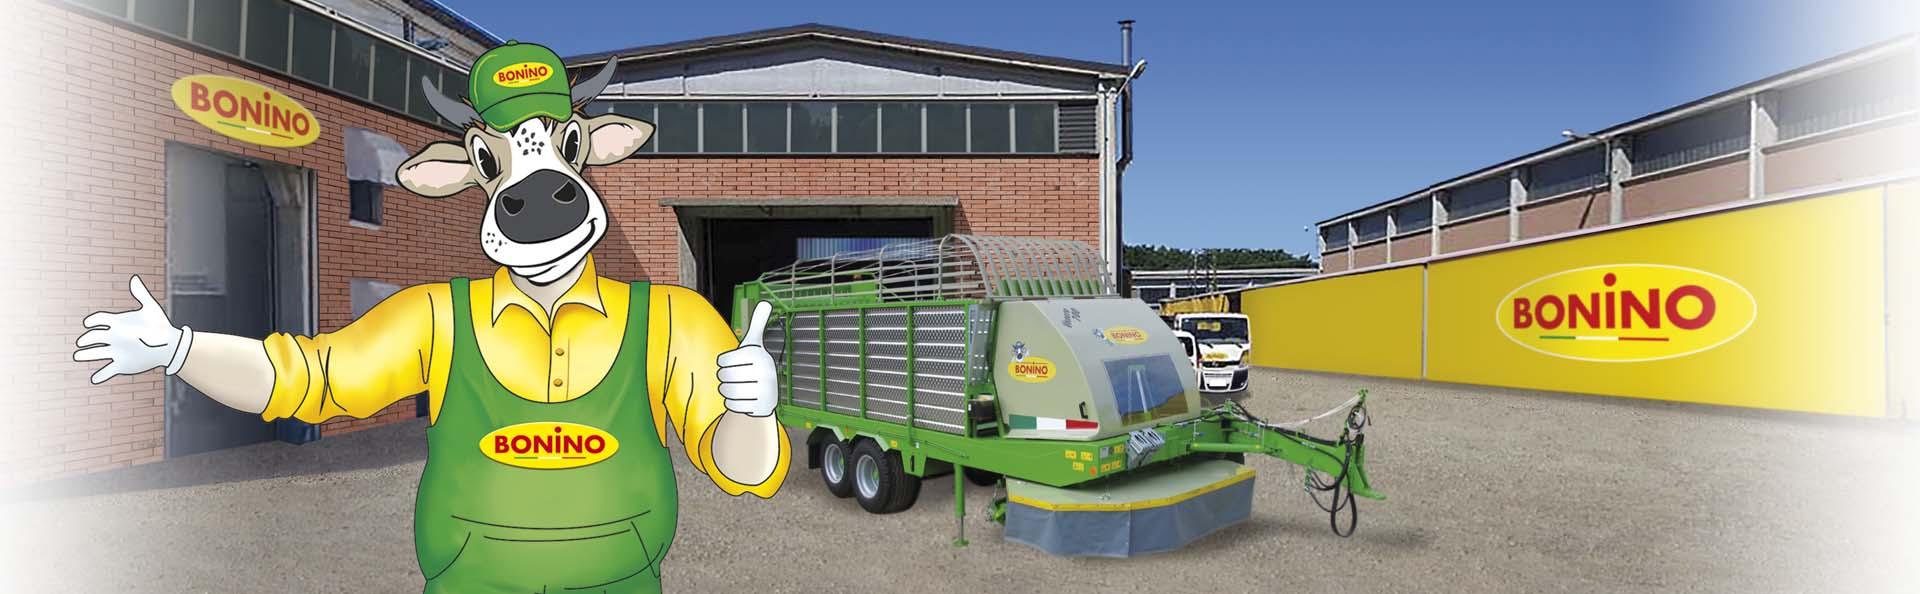 stabilimento-Bonino-Factory-entreprise-fournisseur-de-matériel-agricole-professionnel